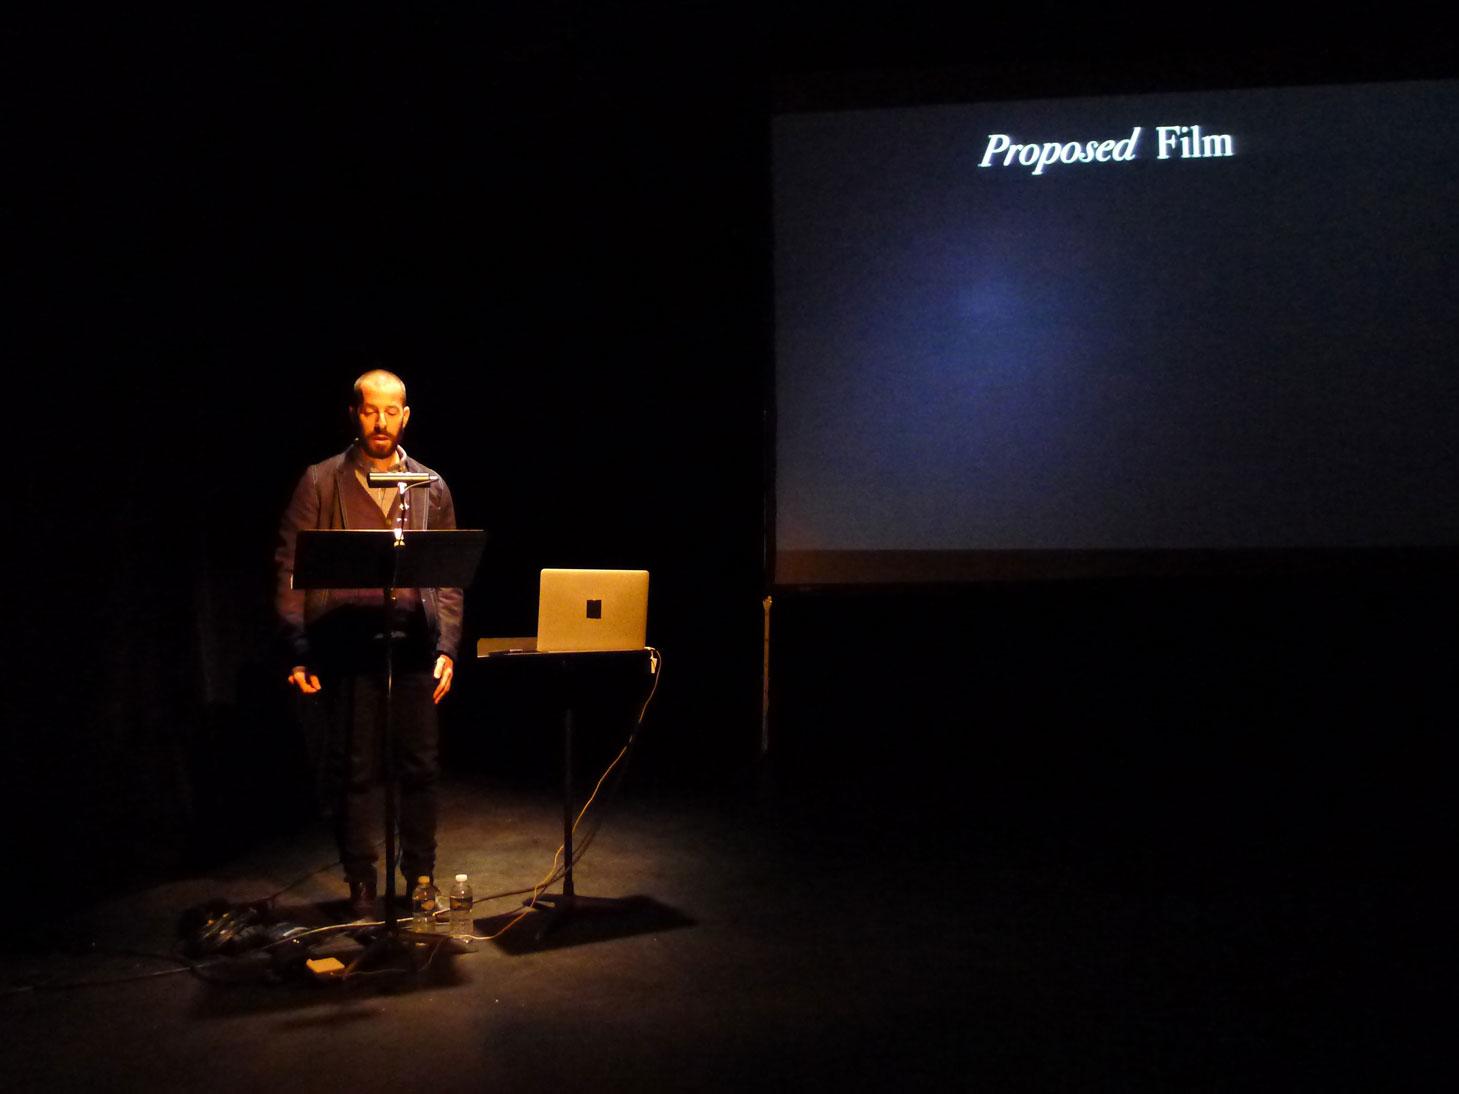 """""""Unmade Film: The Proposal"""", conférence-performance, Uriel Orlow. Les Laboratoires d'Aubervilliers, 19 mai 2015 Photo Érik Bullot"""